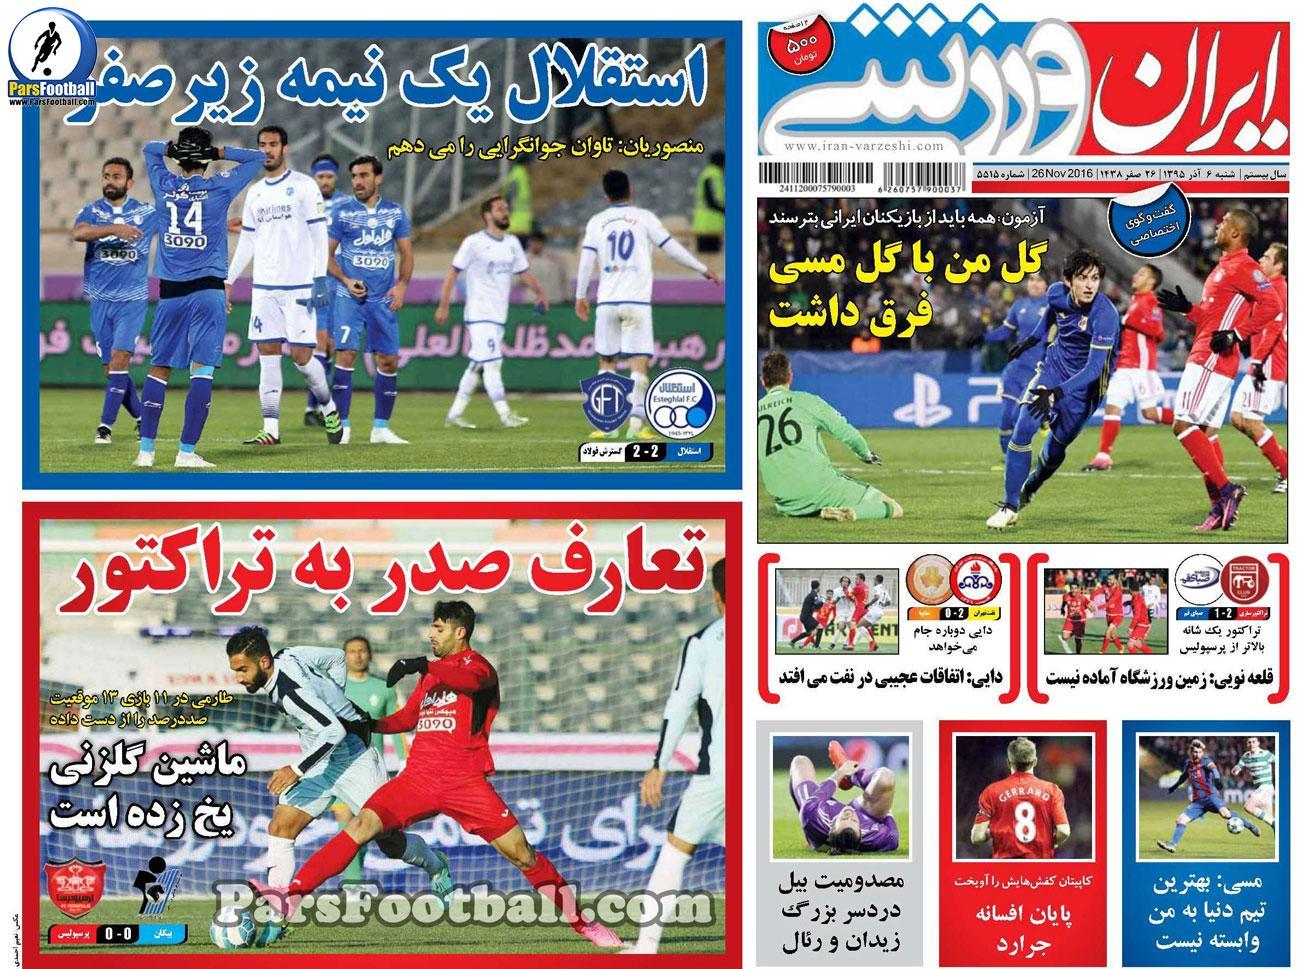 روزنامه ایران ورزشی شنبه 6 آذر 95